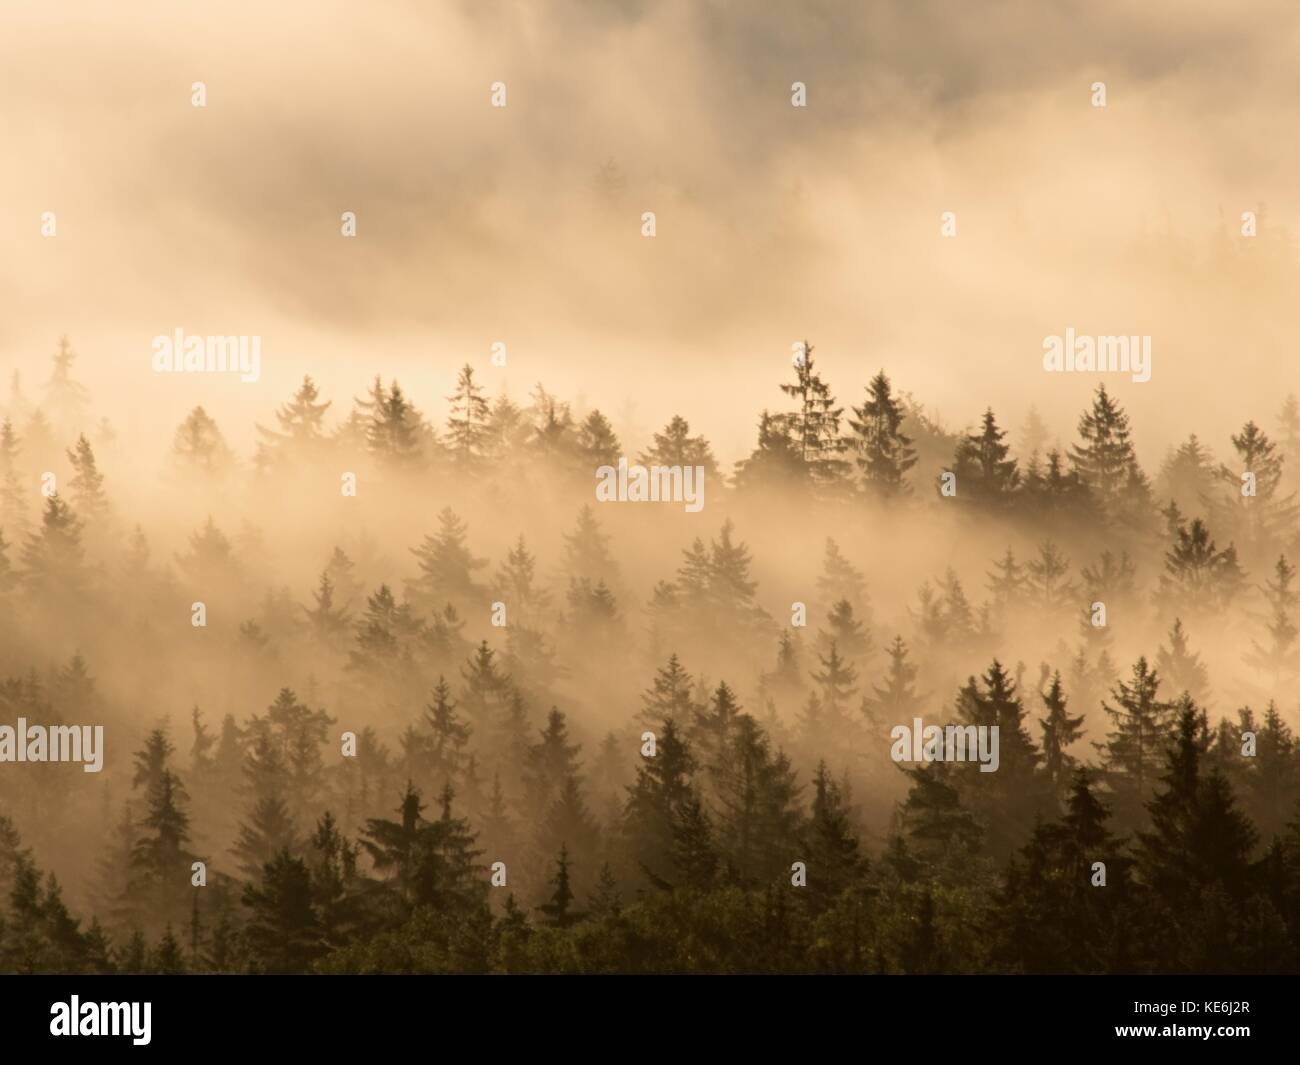 Schöne herbstliche Landschaft mit Bergblick, morgen nebligen Tal in Sunrise. neblige Streifen zwischen Baumkronen Stockbild